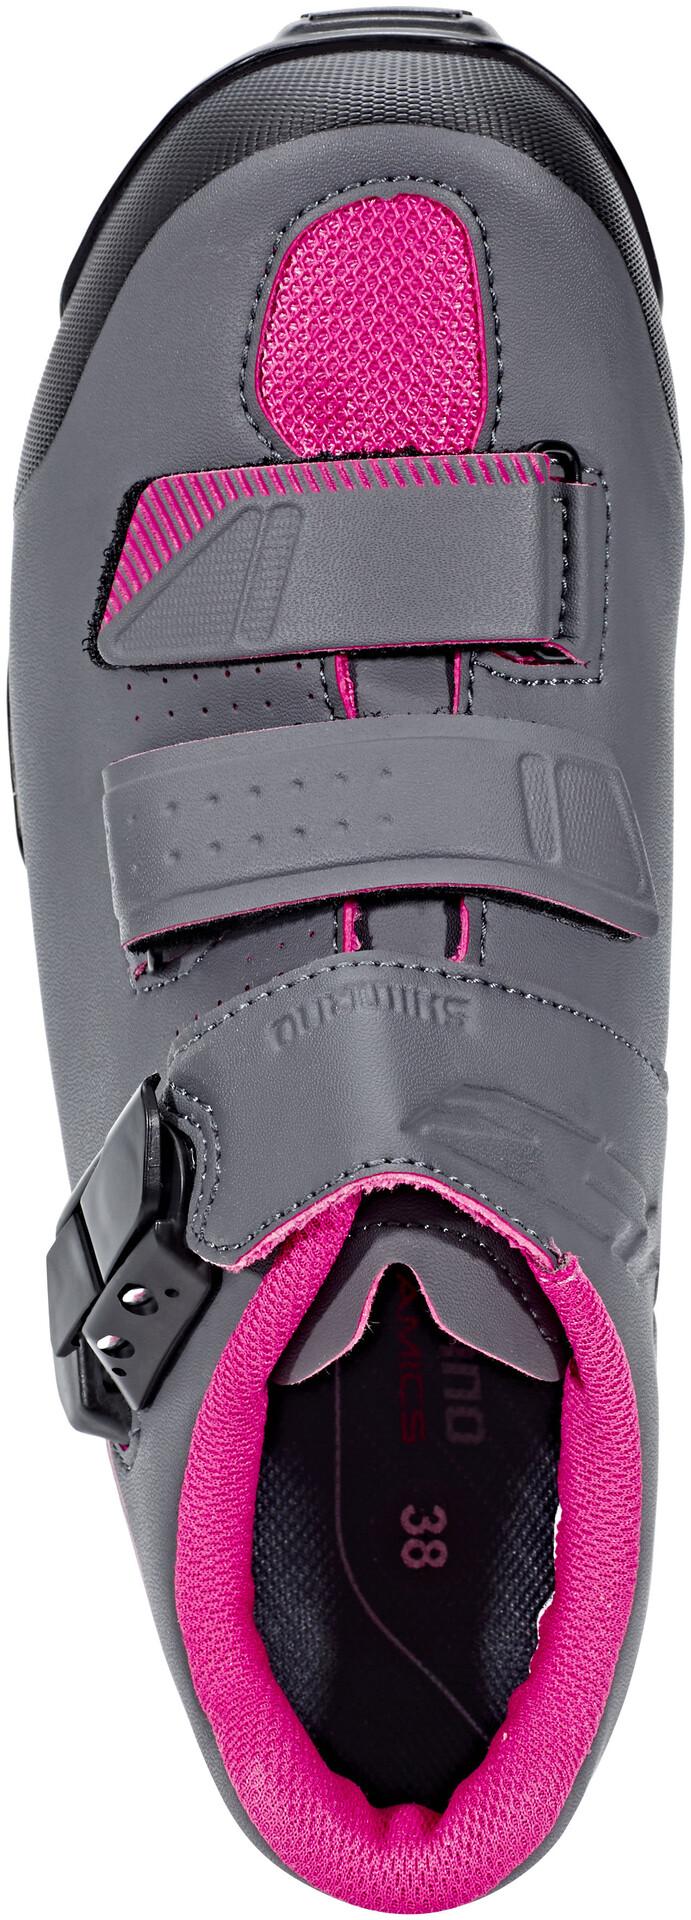 Grisnoir Sh Femme Vélos Boutique Chaussures Me3 En De Shimano 6gHwIqvI